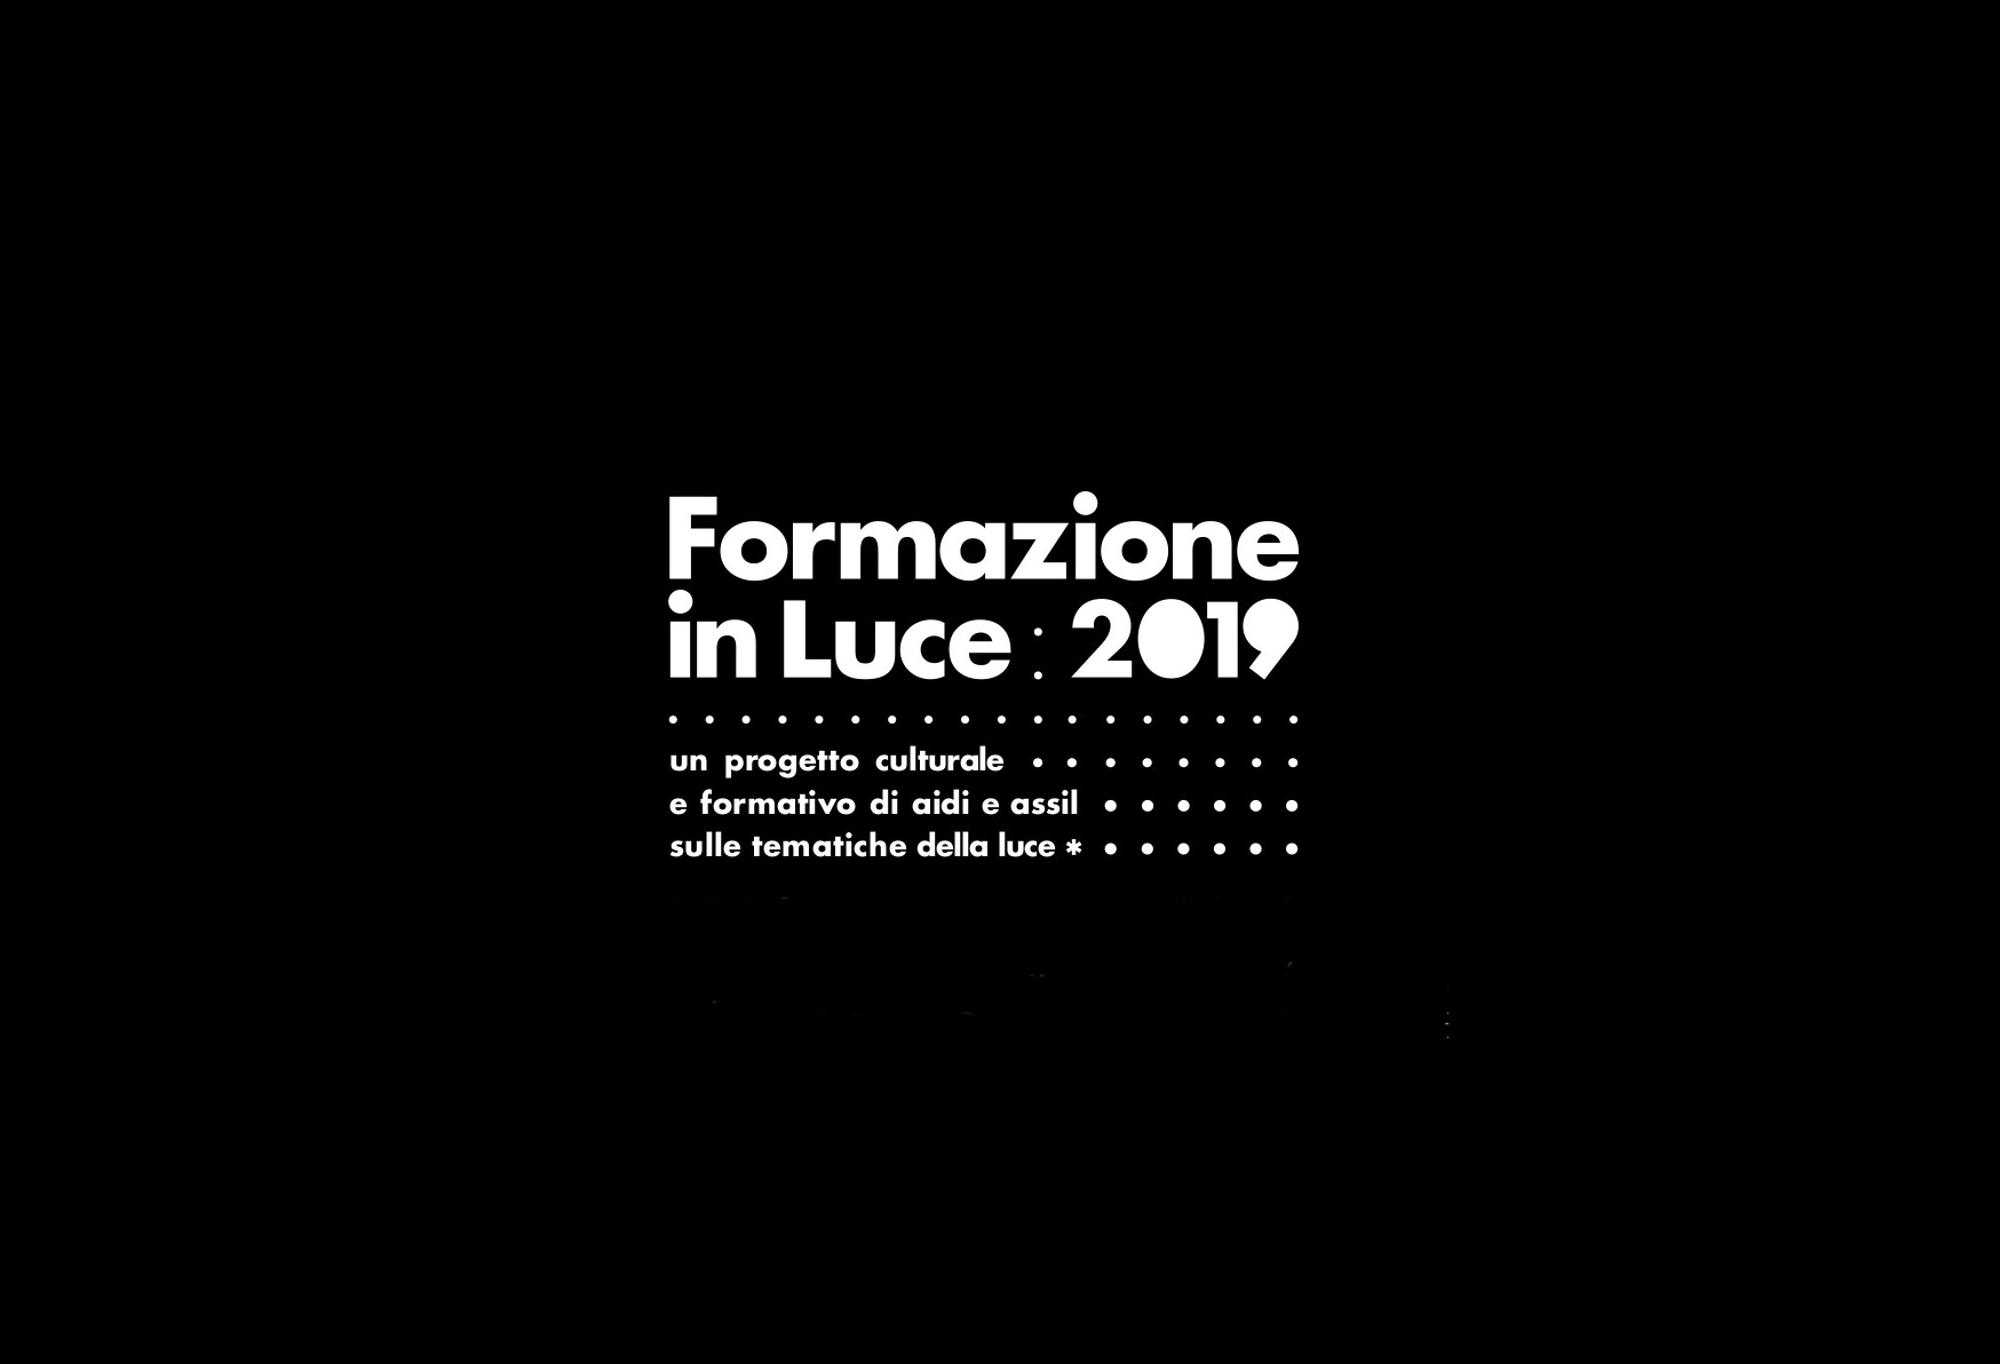 Nuovi appuntamenti per Formazione in Luce